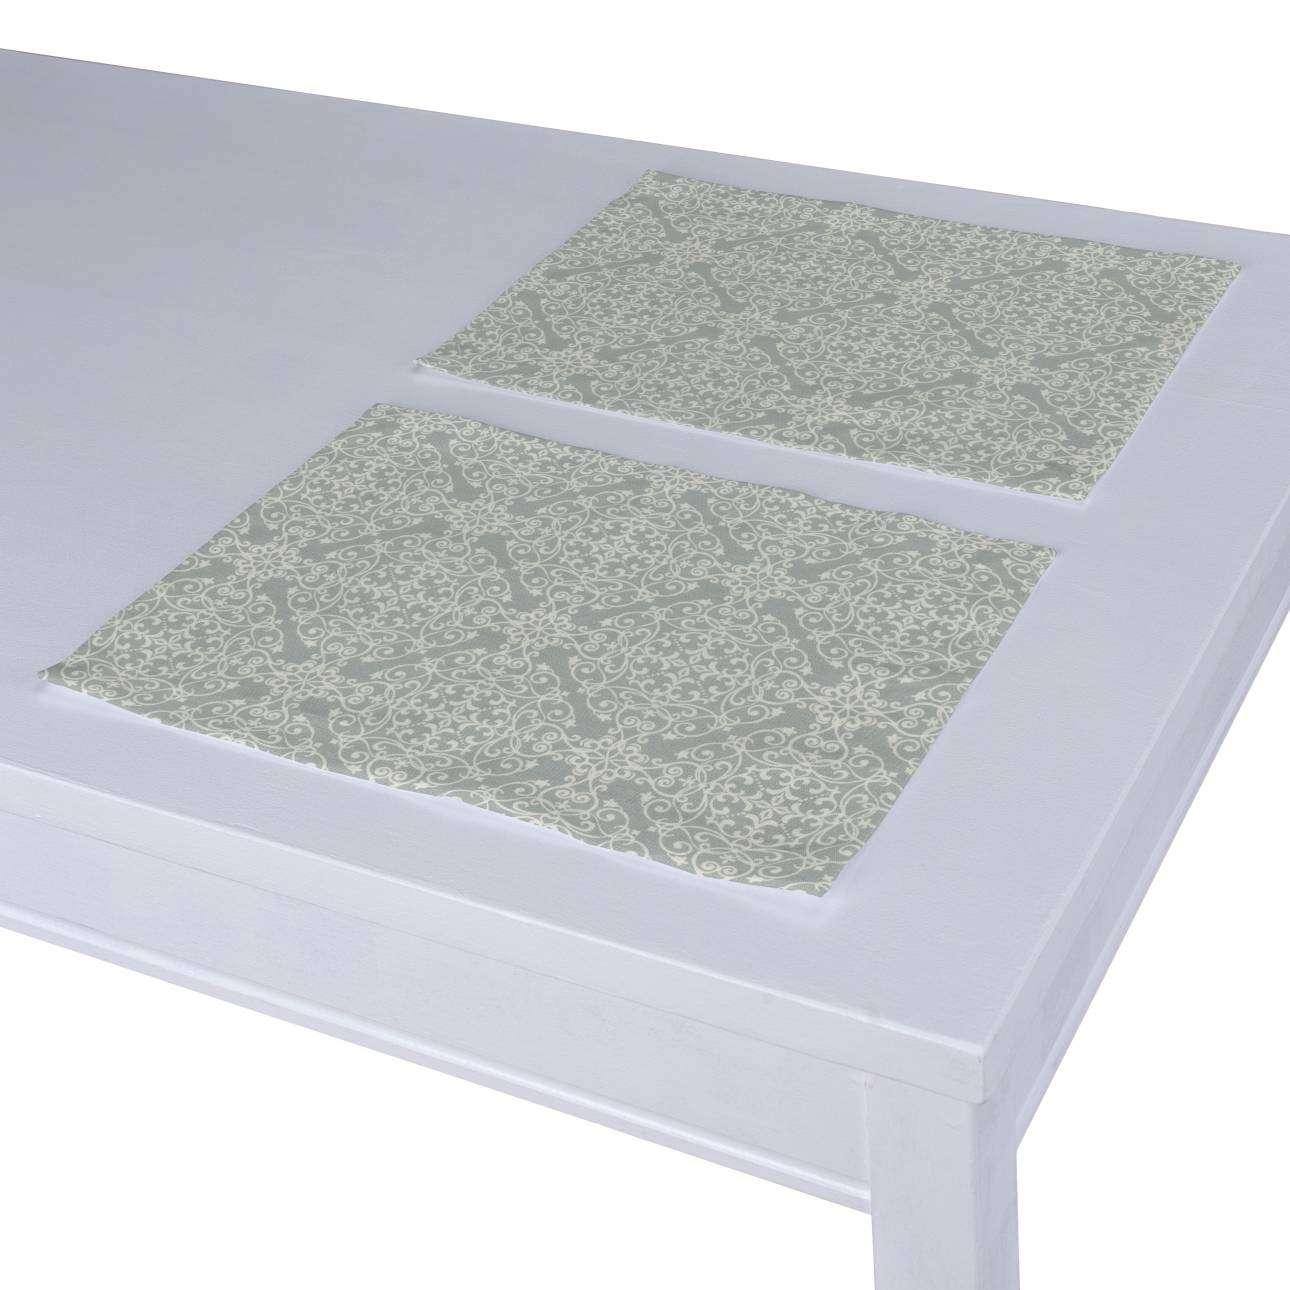 Stalo servetėlės/stalo padėkliukai – 2 vnt. 30 x 40 cm kolekcijoje Flowers, audinys: 140-38